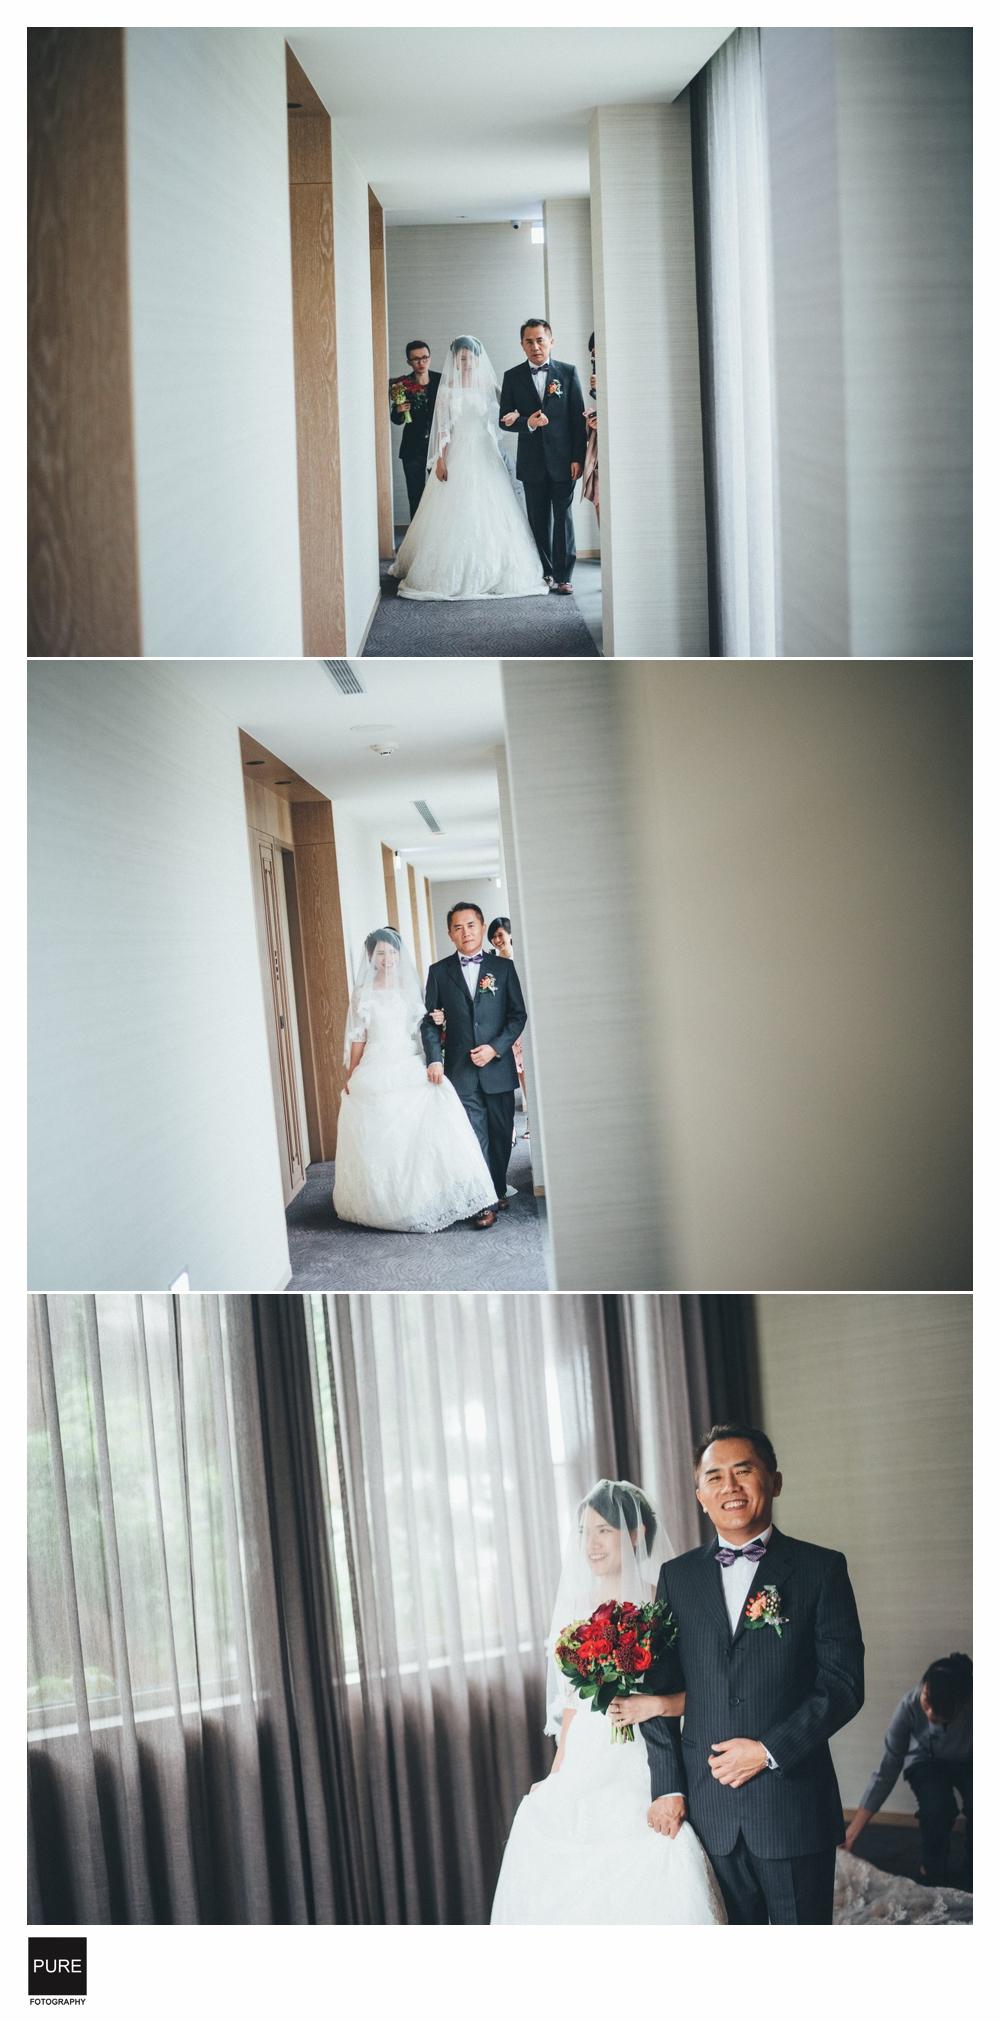 華泰瑞苑PUREFOTO婚禮攝影